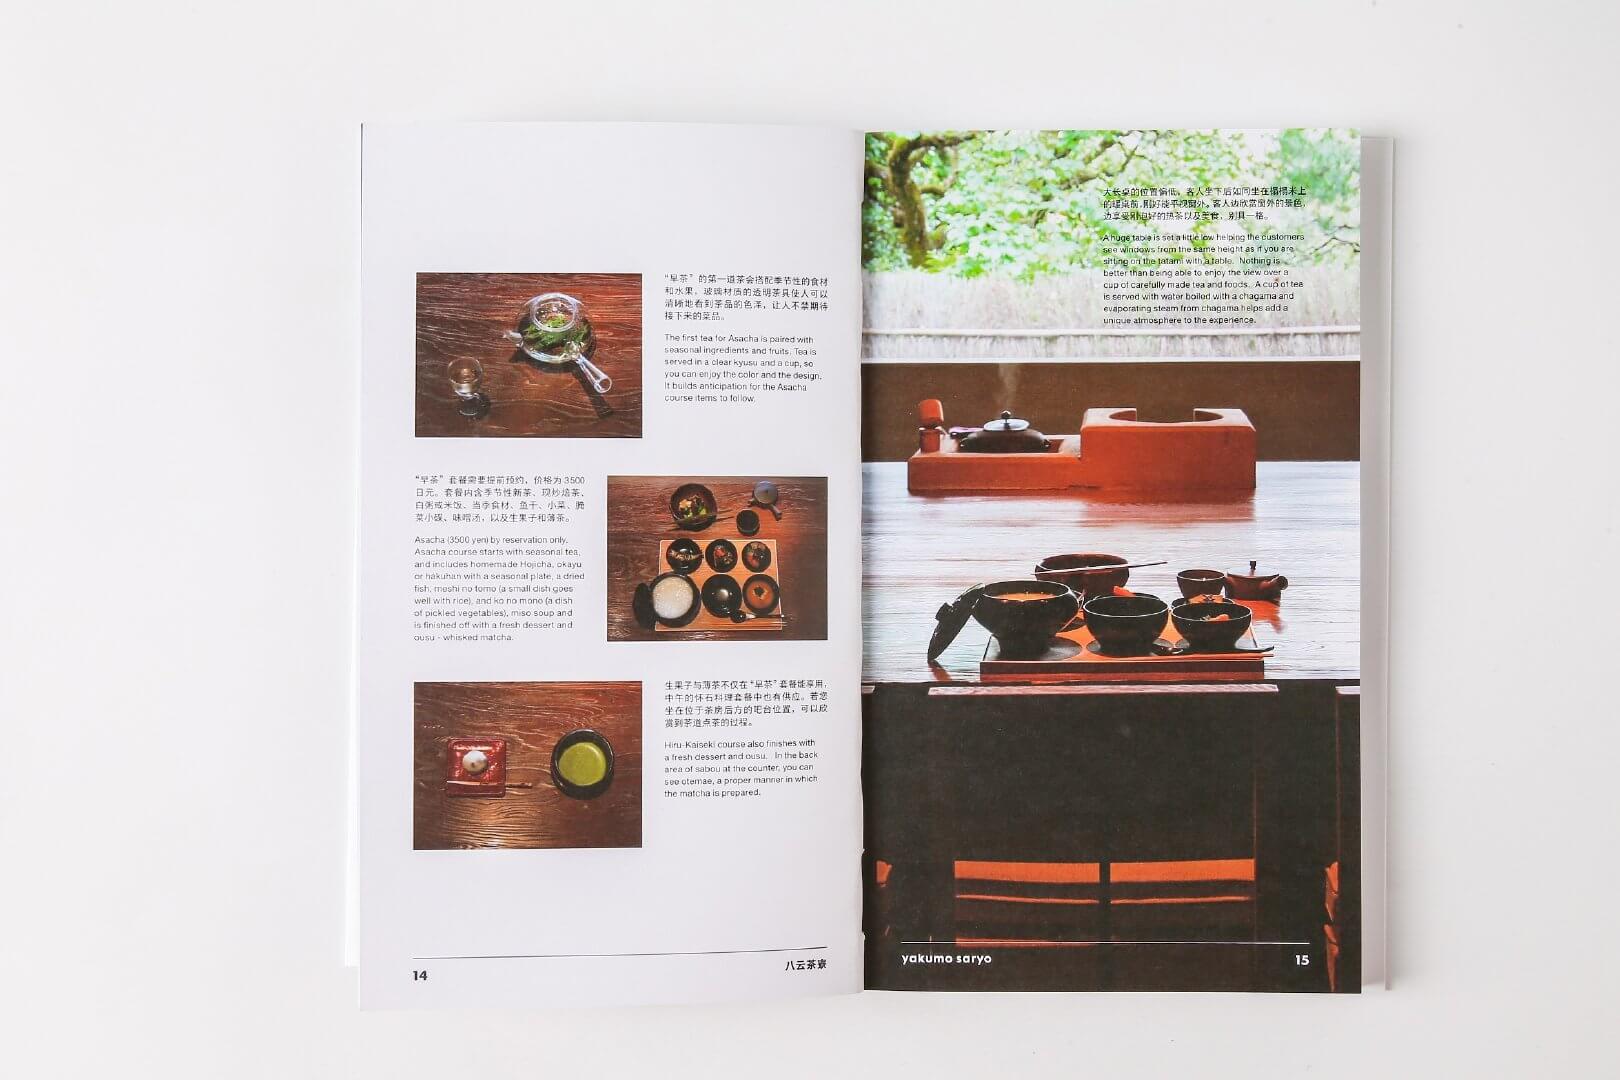 每周一书:日本美术出版社书籍编辑部《东京艺术之旅》系列